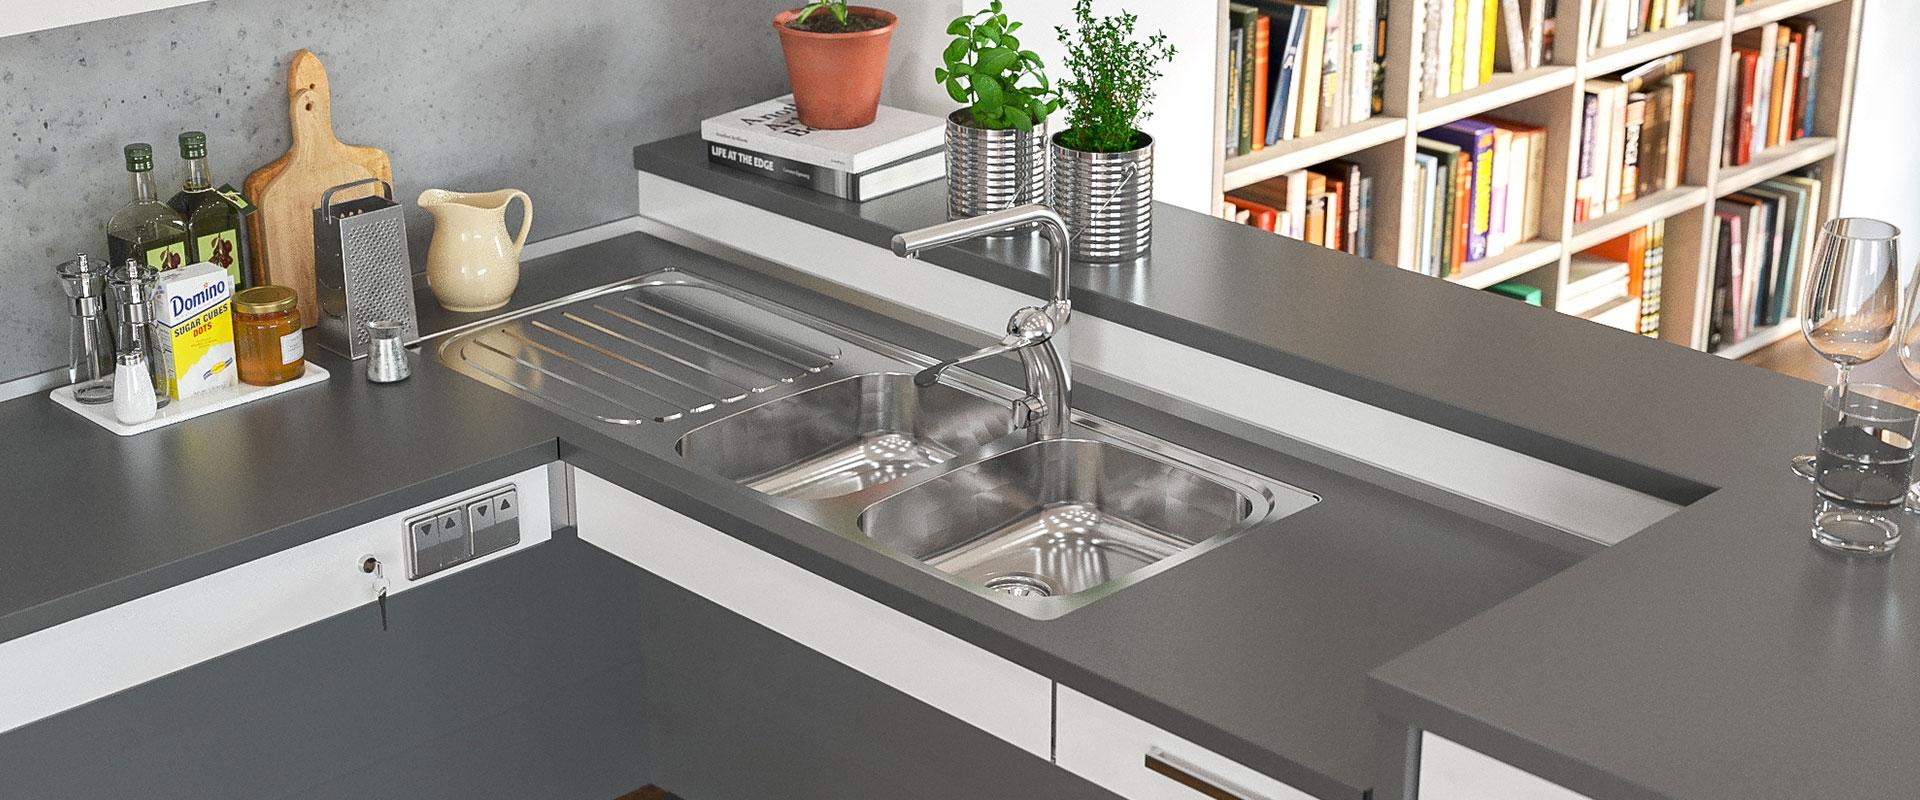 Flache Einbauspülen für barrierefreie Küchen